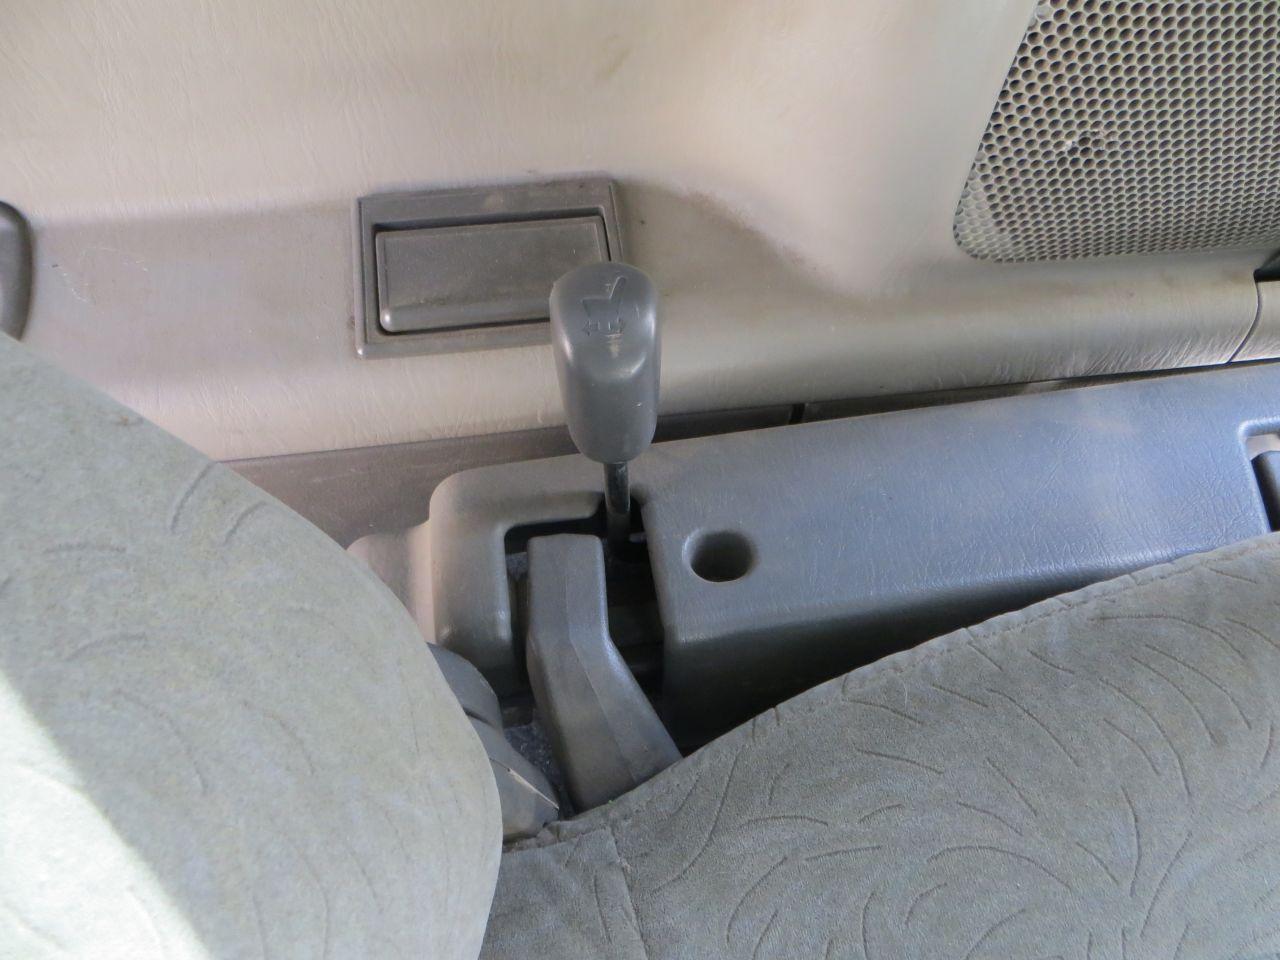 Рычаг управления 3 рядом. Можно сидя на кресле двигаться вперед-взад, тем самым либо увеличить объём багажника, либо его уменьшить.